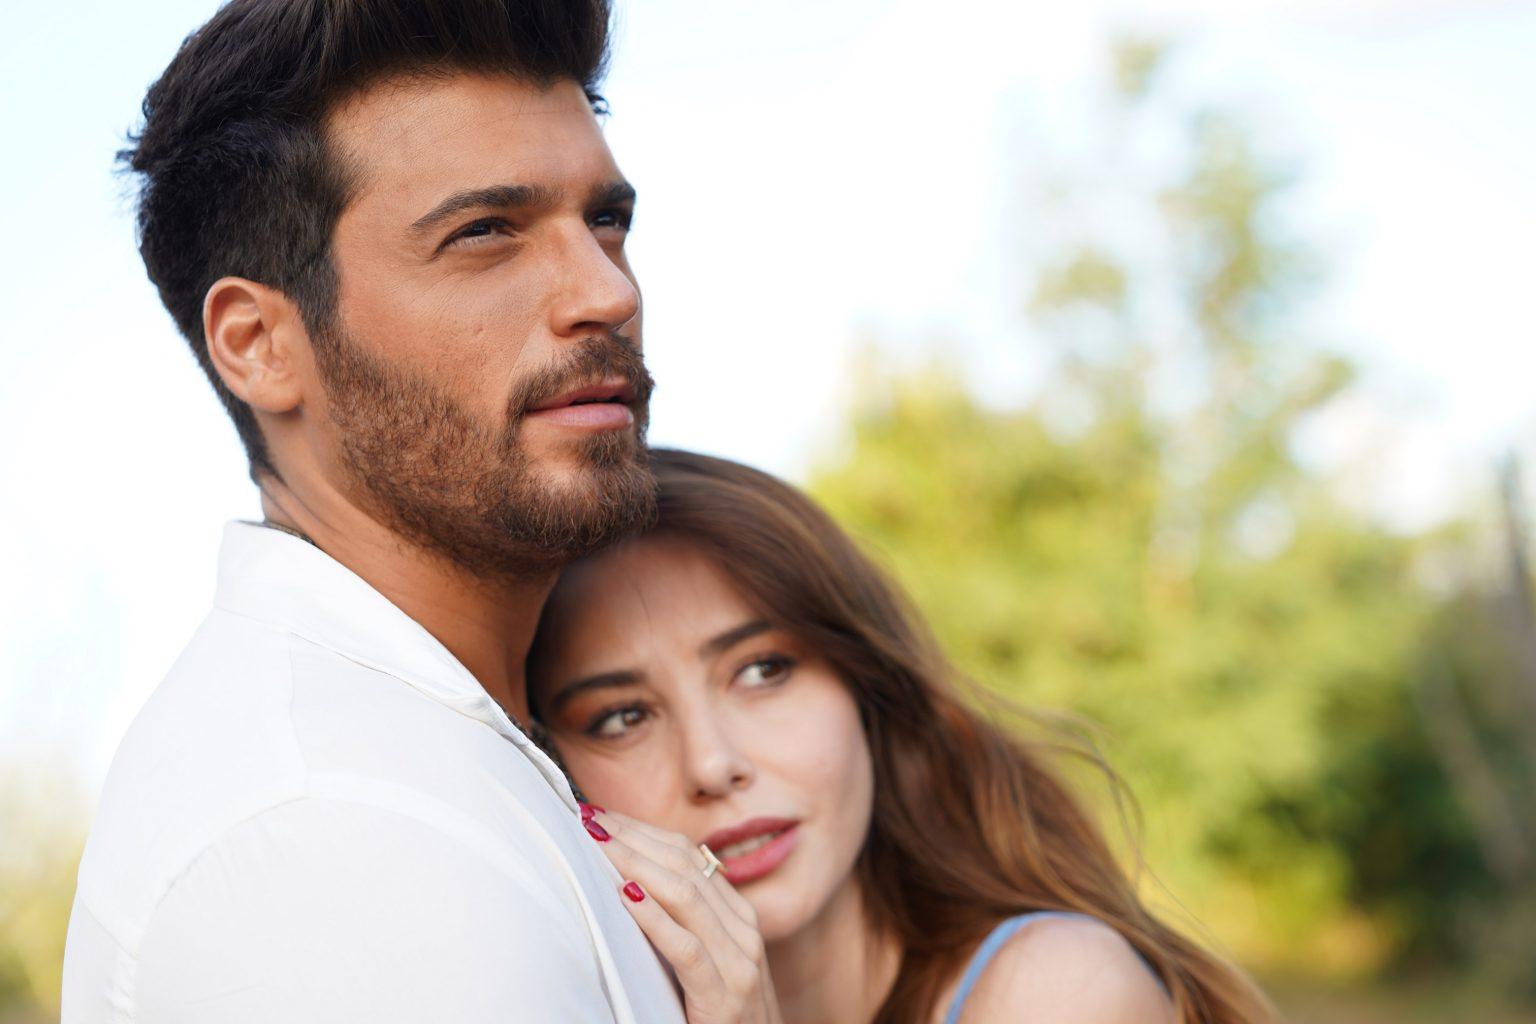 Cena da novela Bay Yanlis. Na imagem, os protagonistas estão abraçados, com Ezgi está encostada com a cabeça no peito de Özgür. Ele veste uma camisa branca e olha para a frente, enquanto a personagem feminina veste uma blusa de alças.